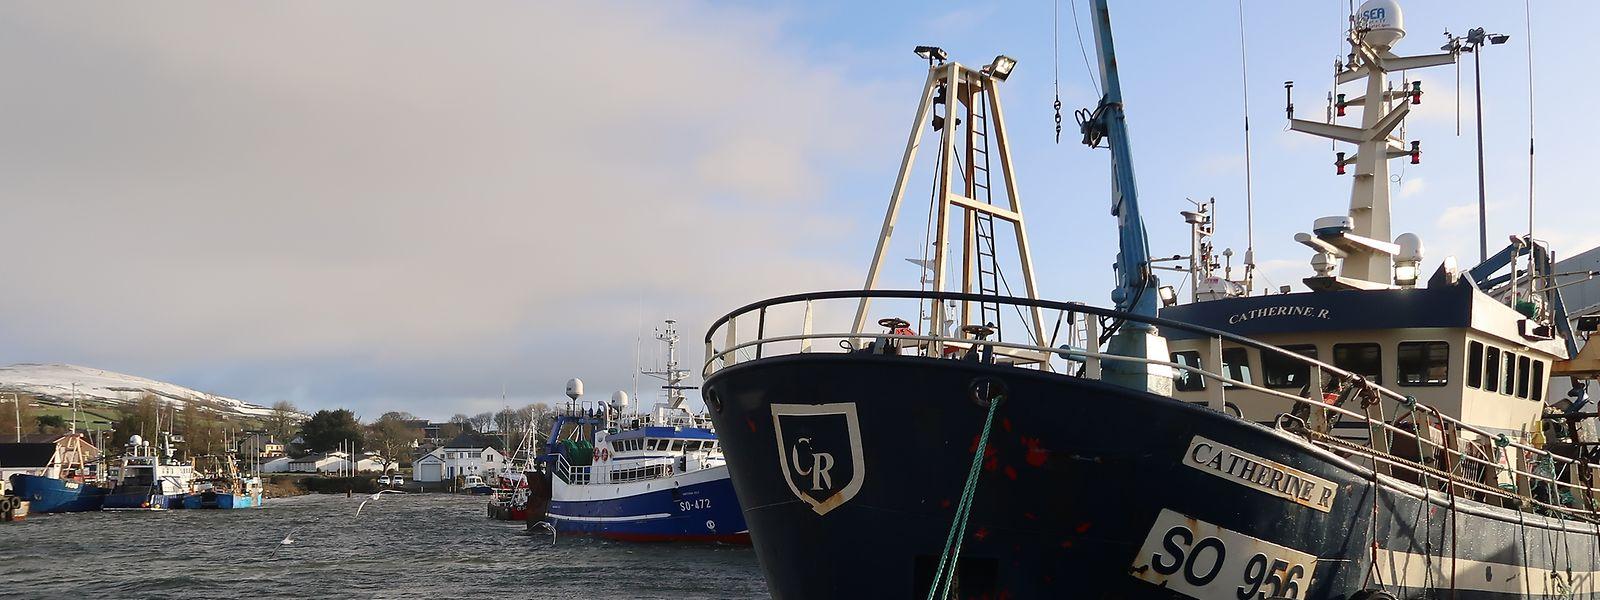 Der Fischerhafen von Greencastle in Irland.